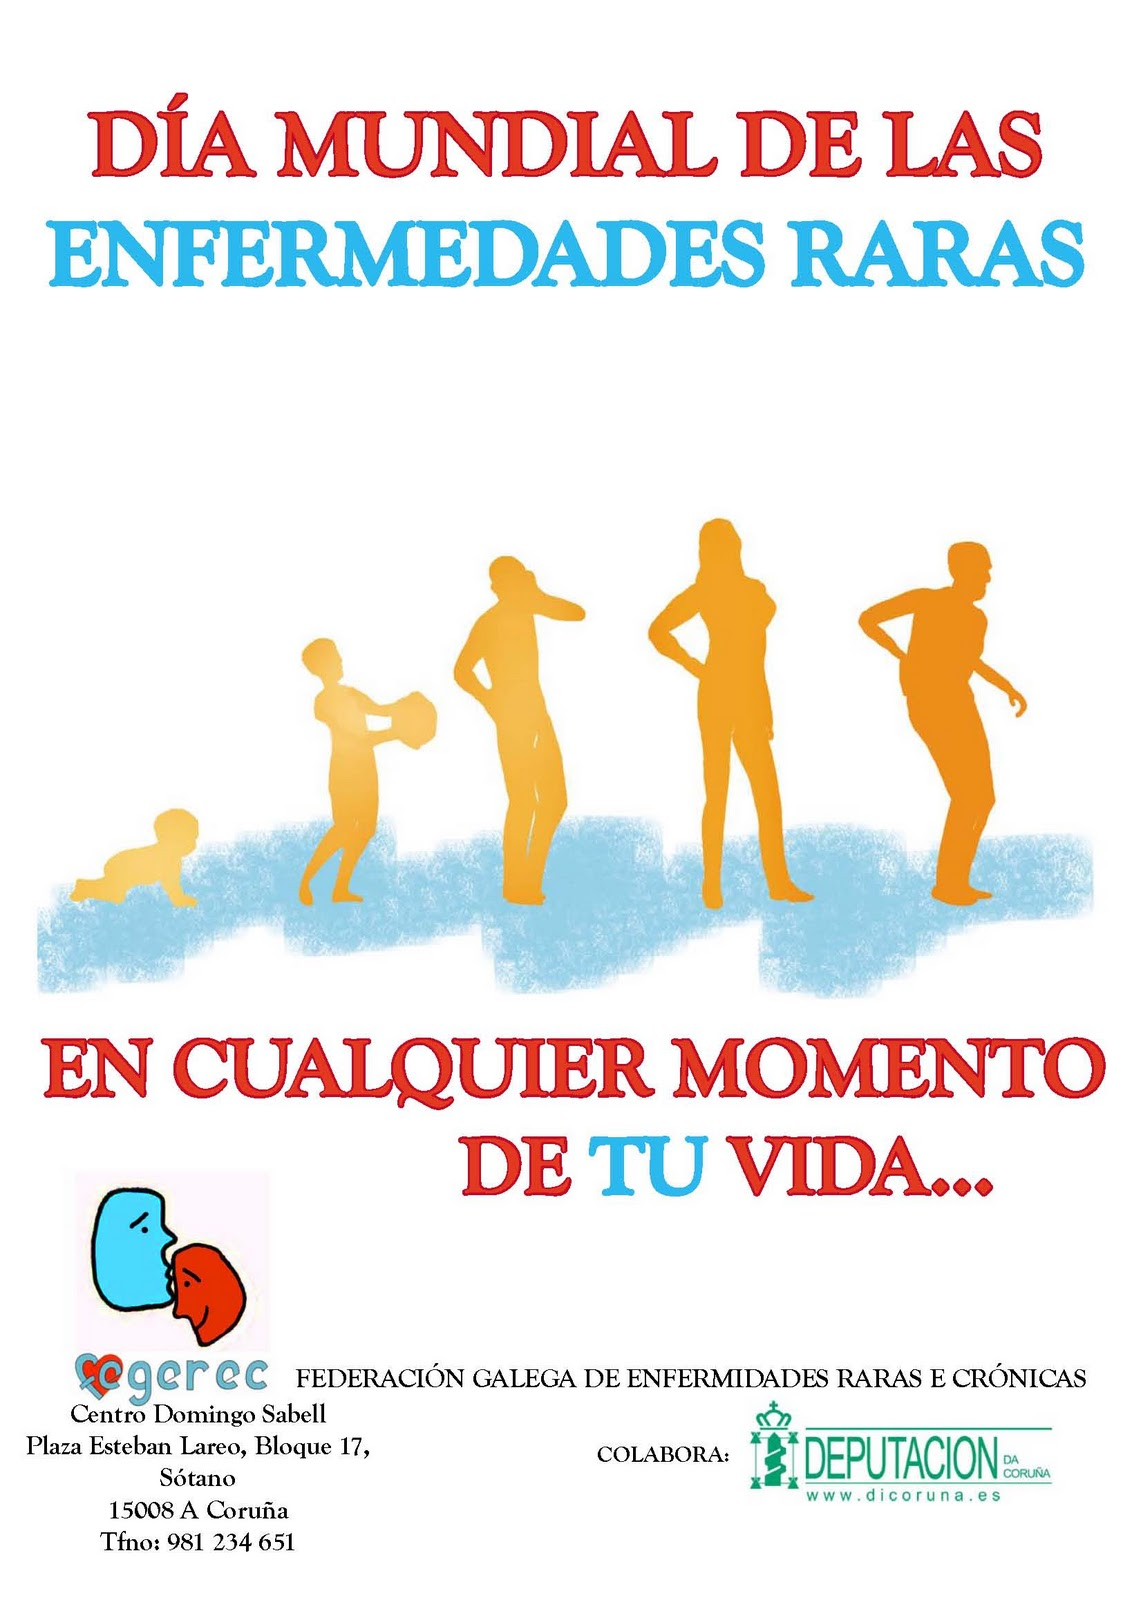 Enfermedades Raras The gallery for -->...